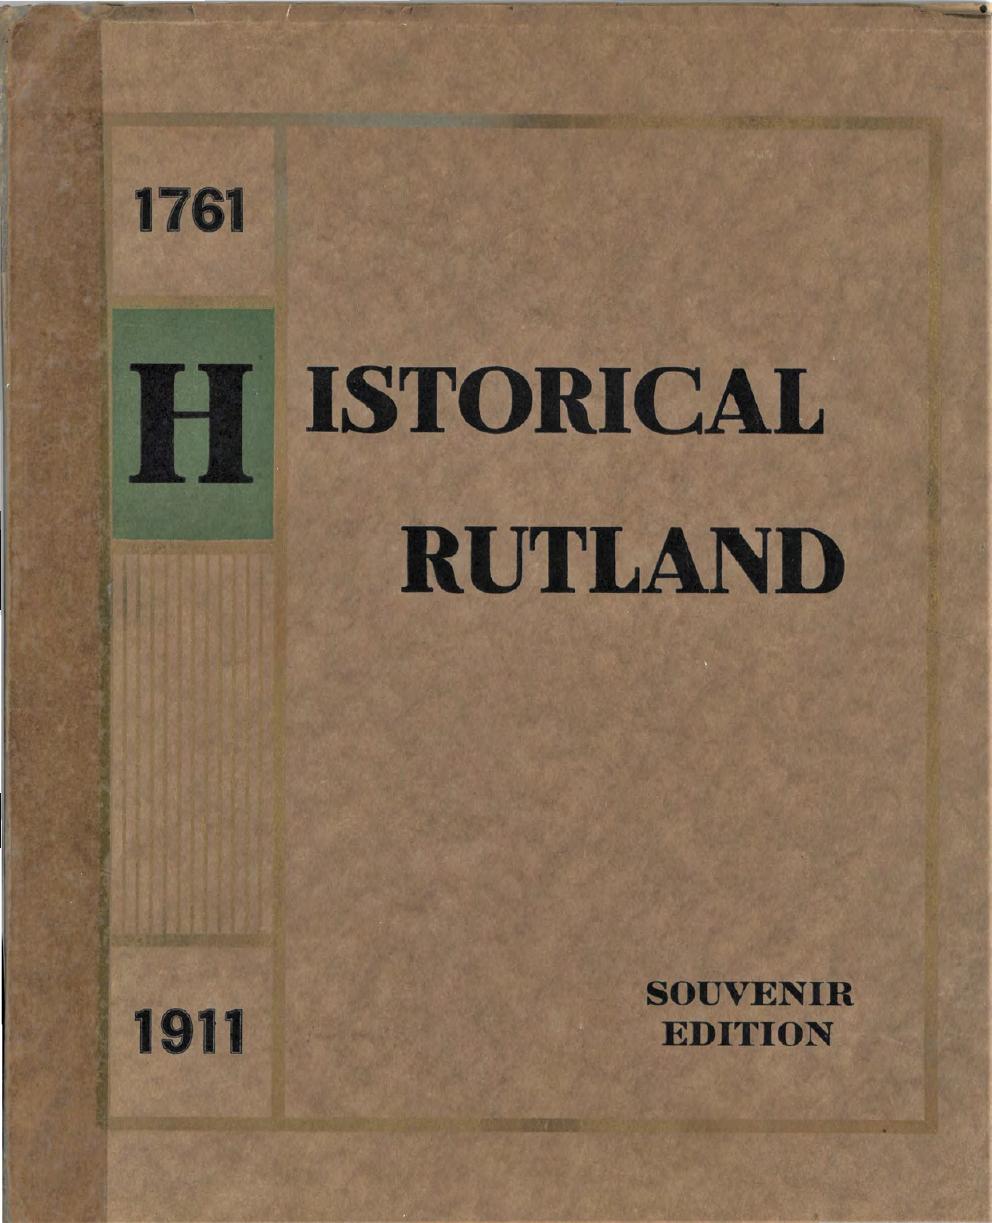 Historial Rutland 1761-19111